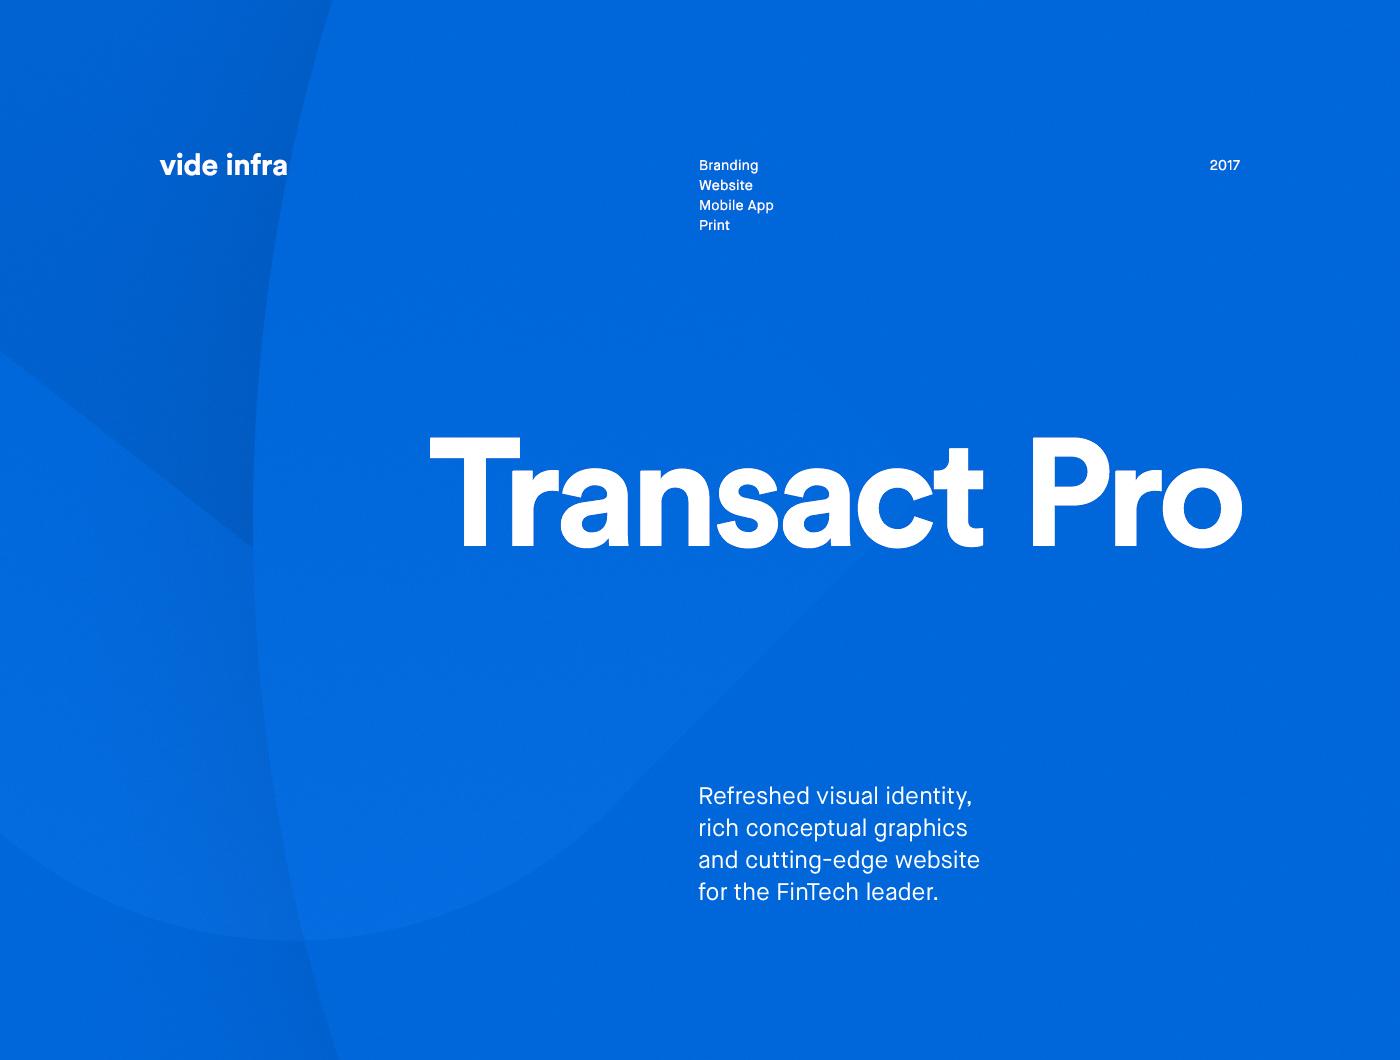 transact pro,finance,Fintech,payments,geometric,pattern,Charts,corporate,Formal,minimal